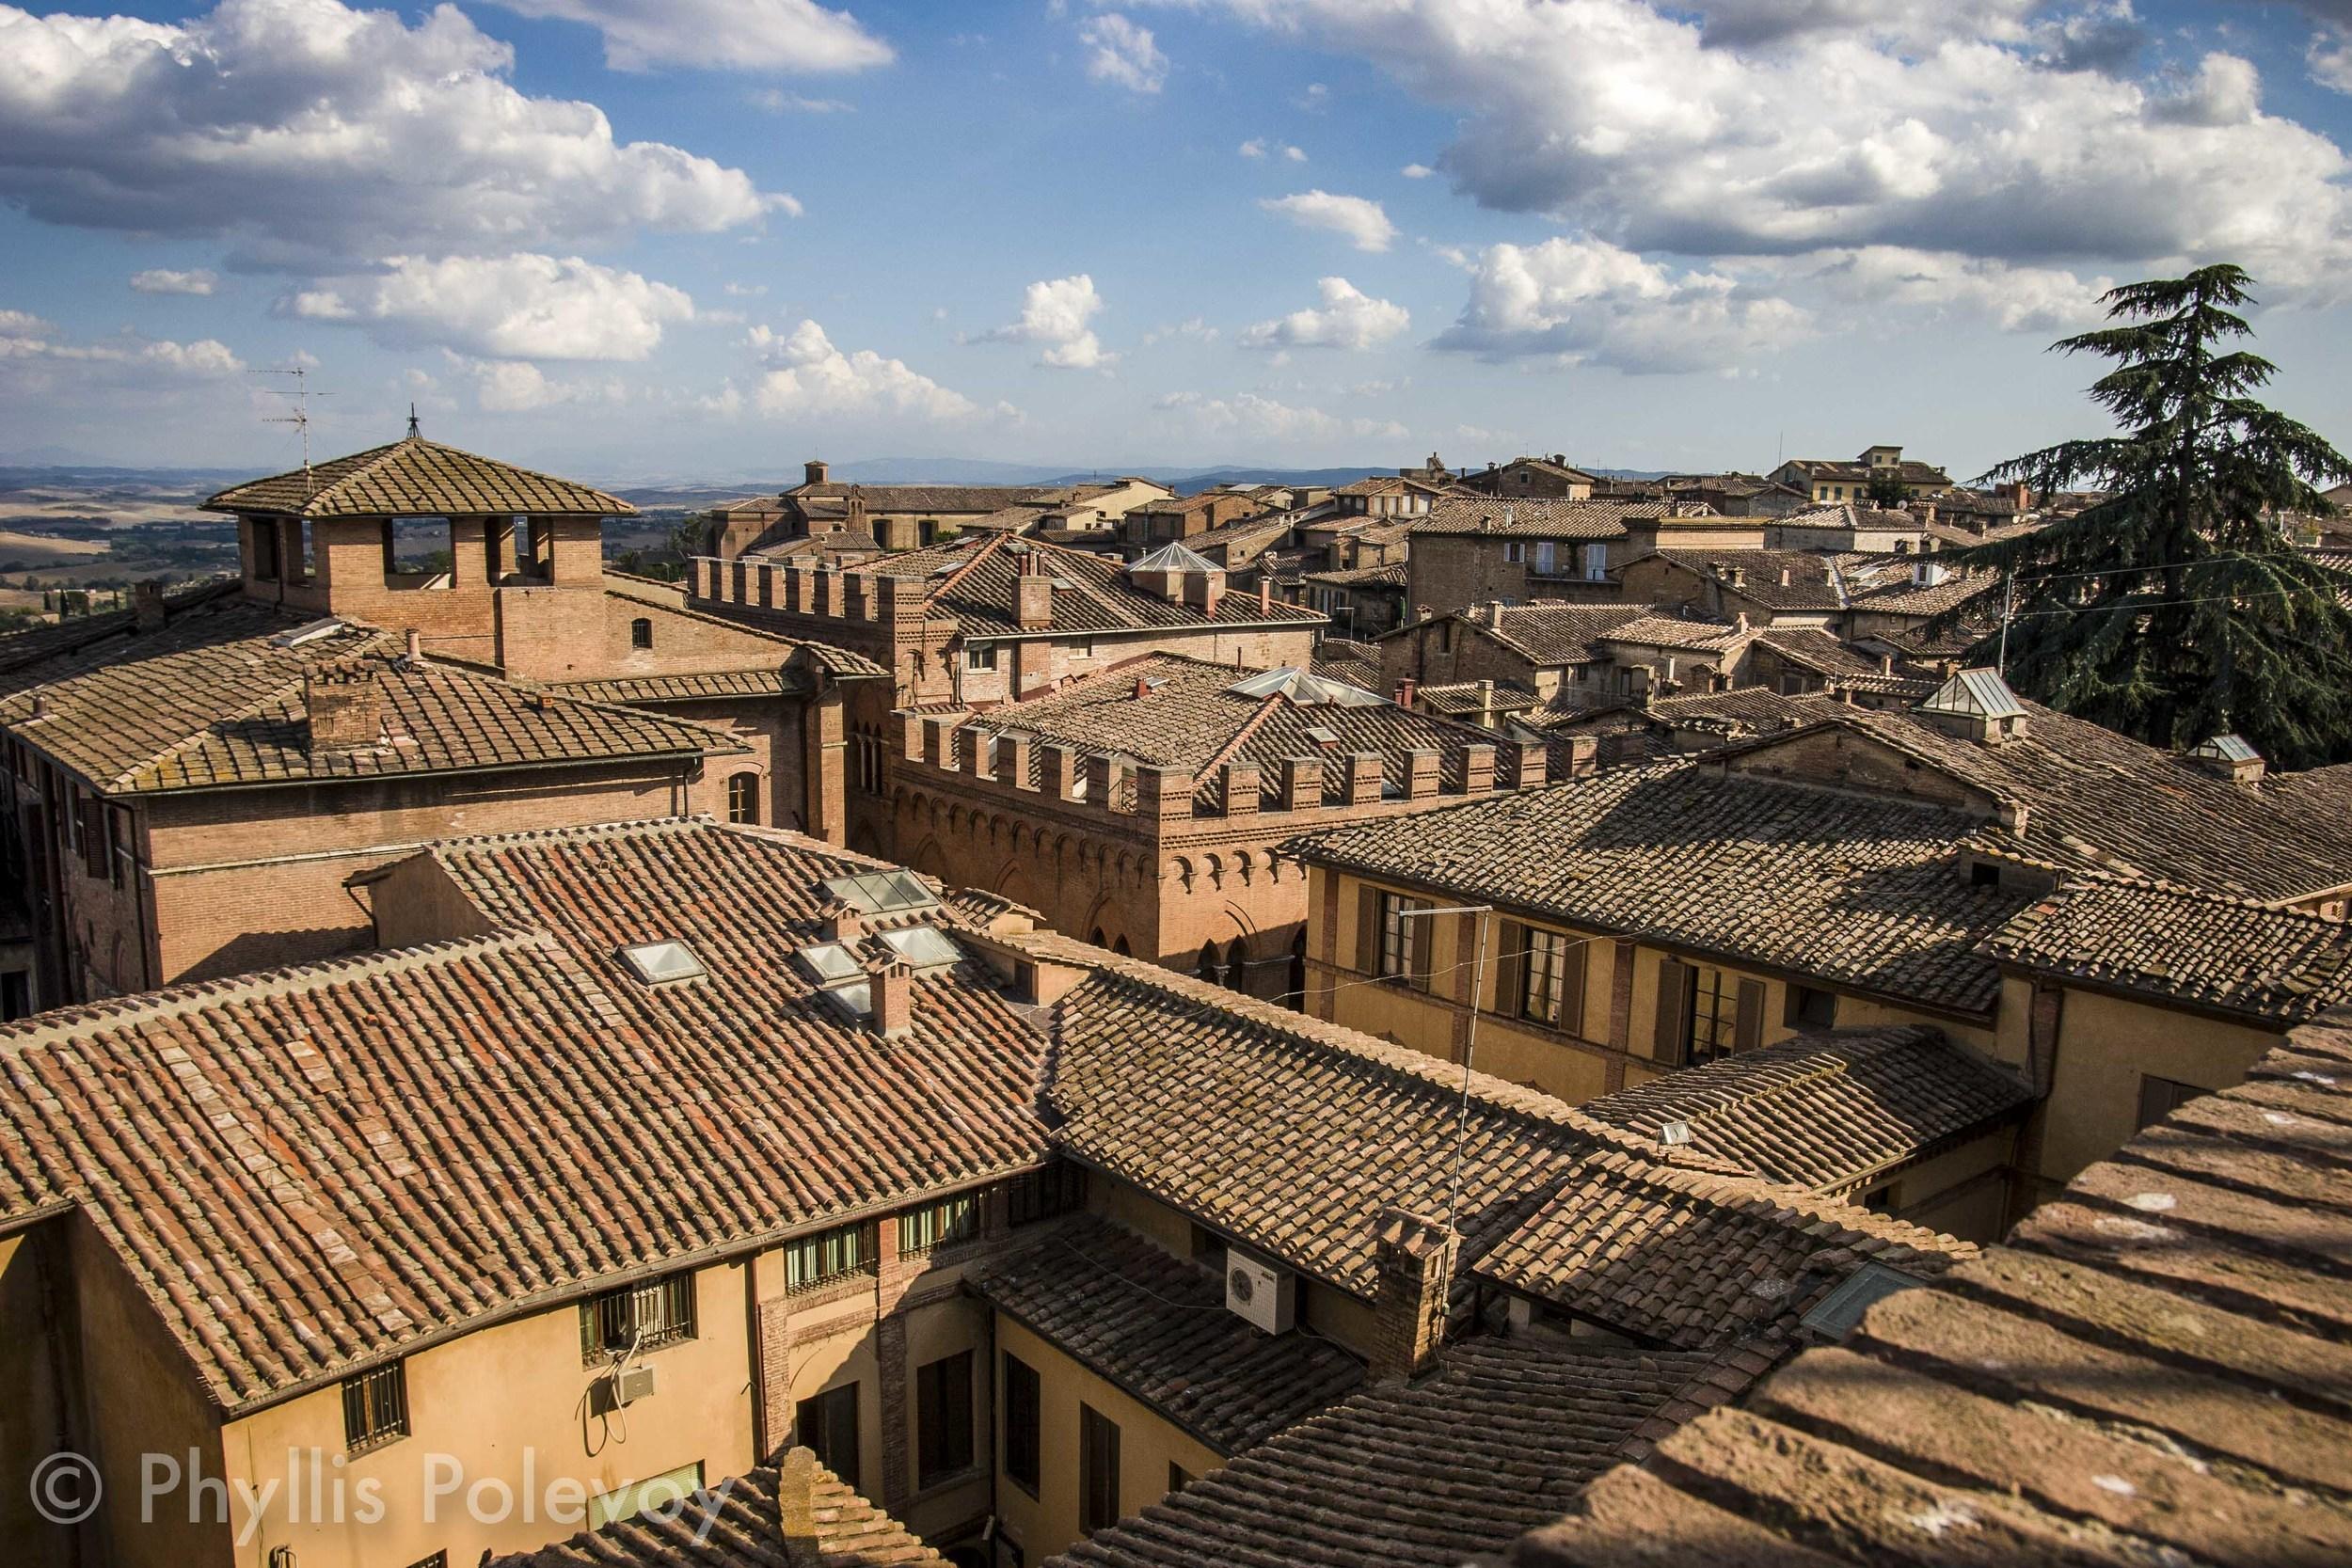 La Bella Toscana, #003